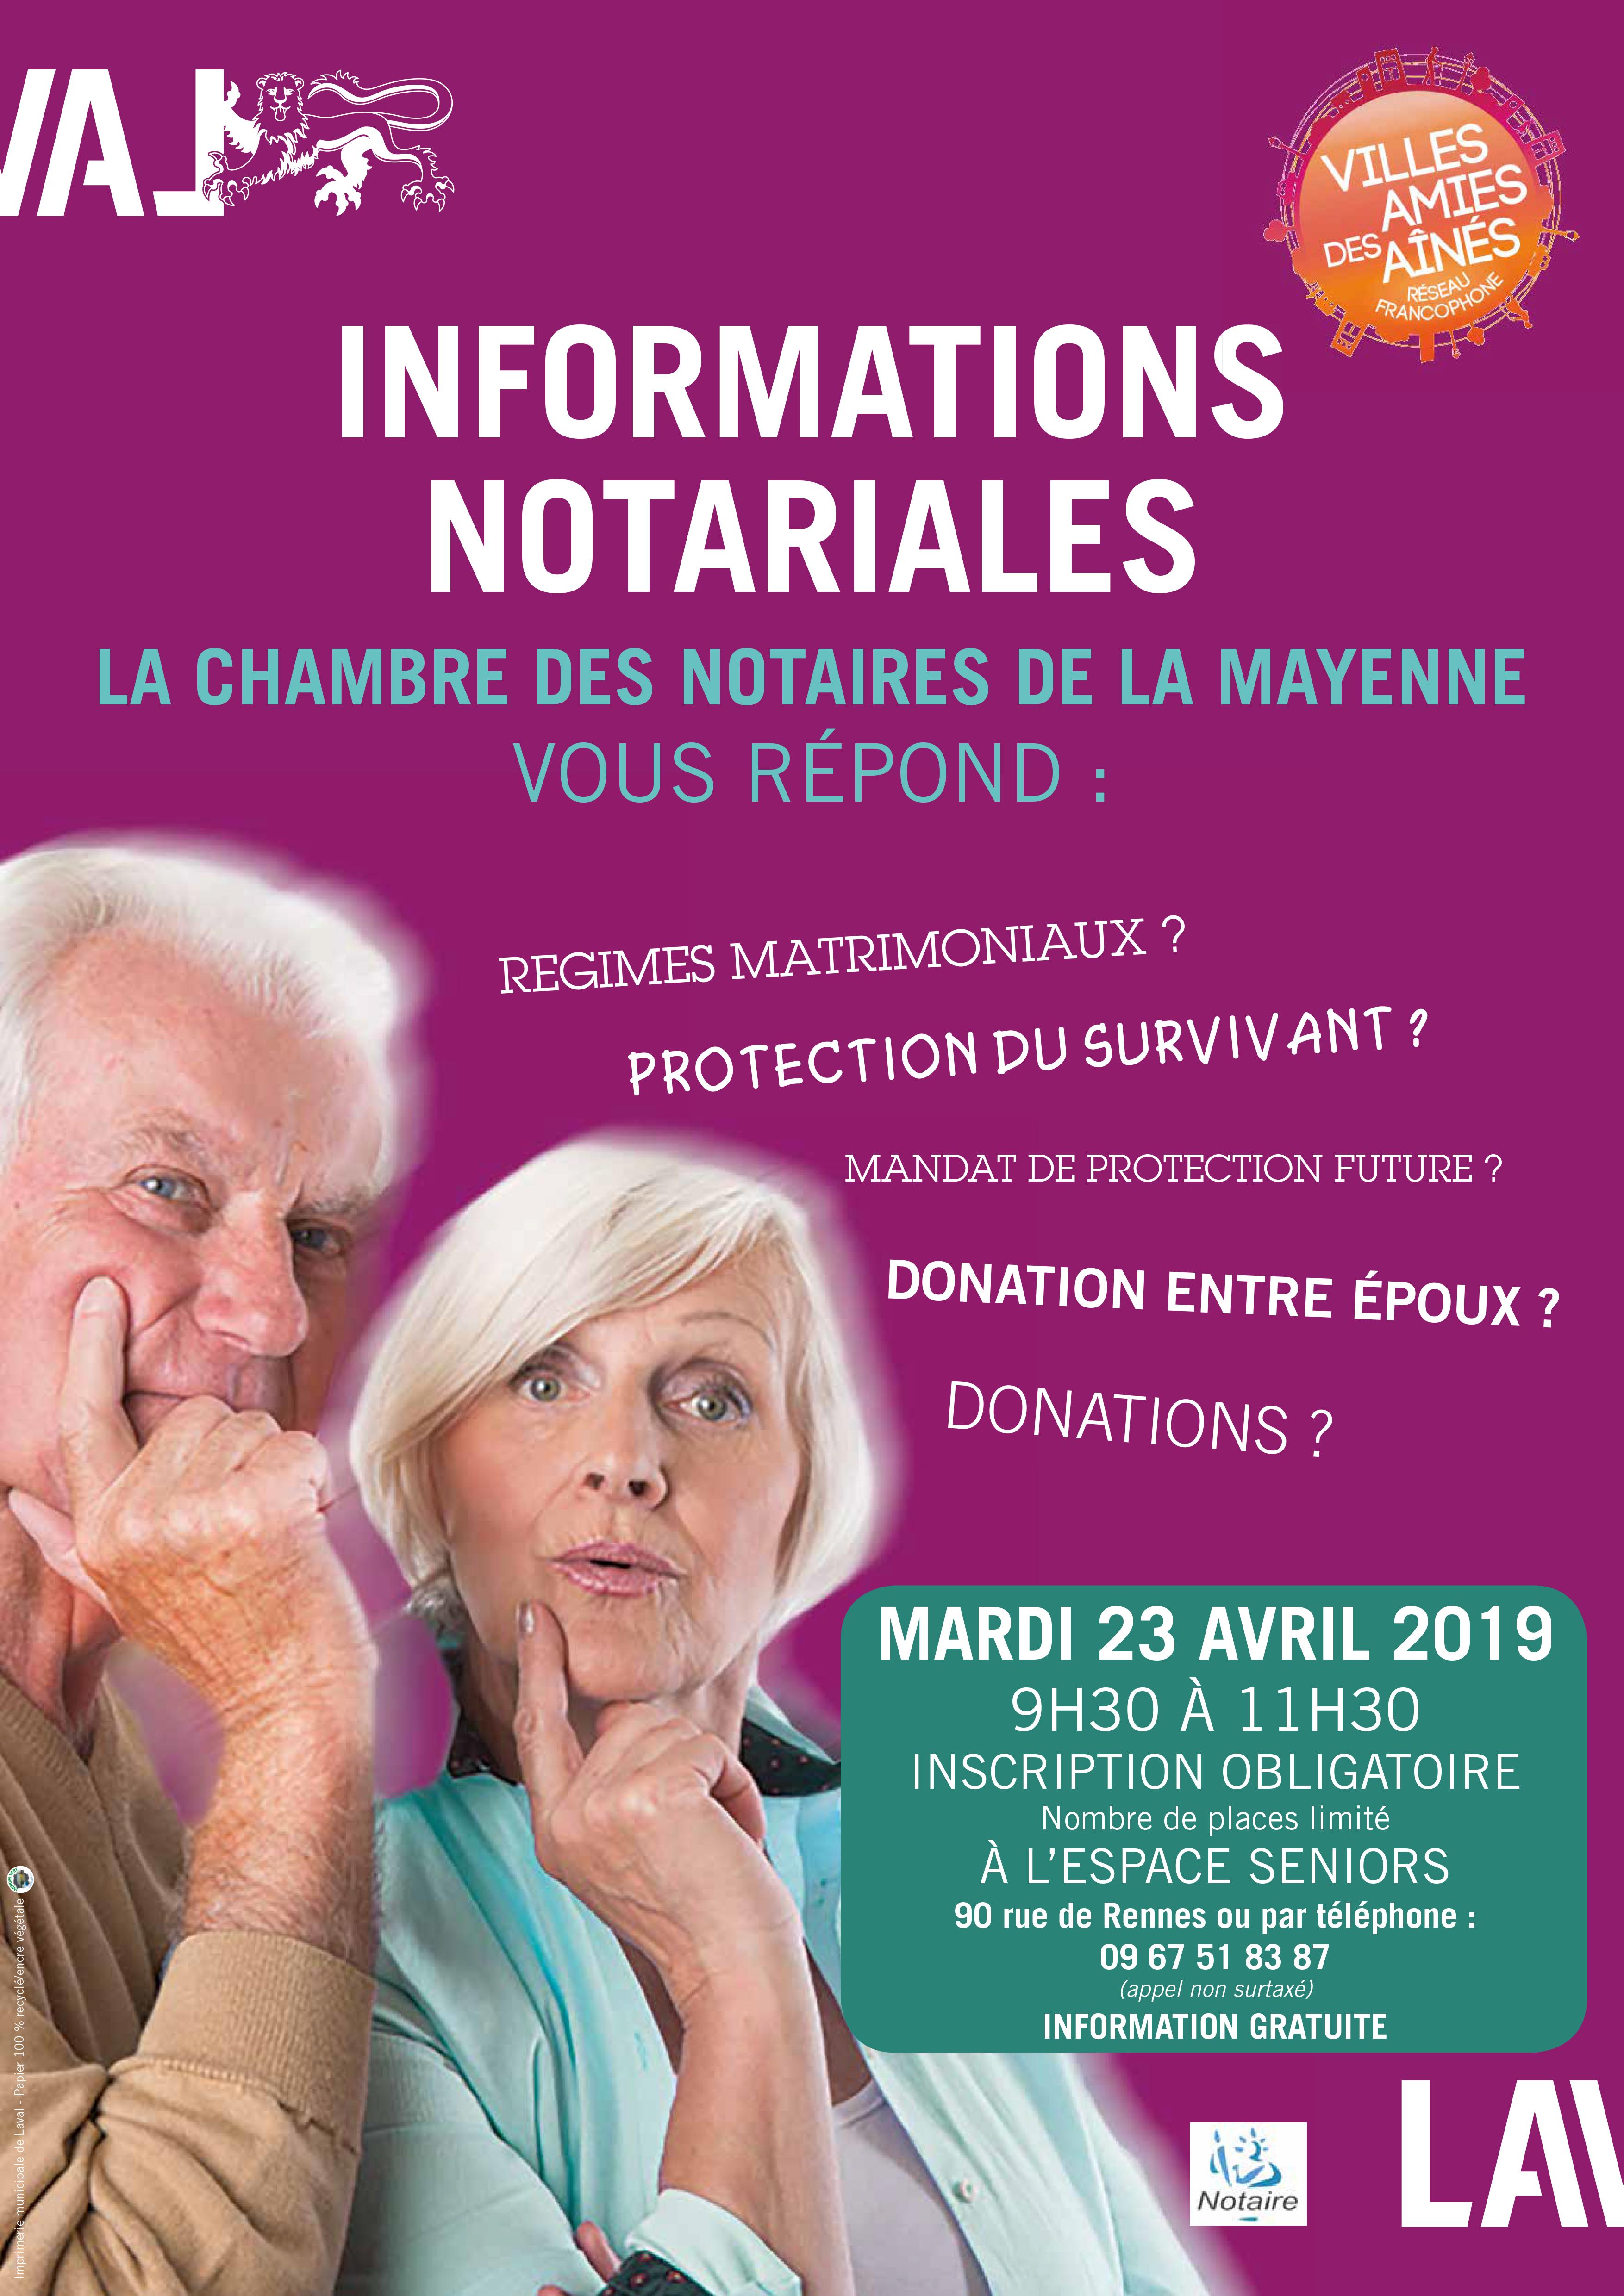 Informations Notariales : La Chambre des Notaires de la Mayenne vous répond